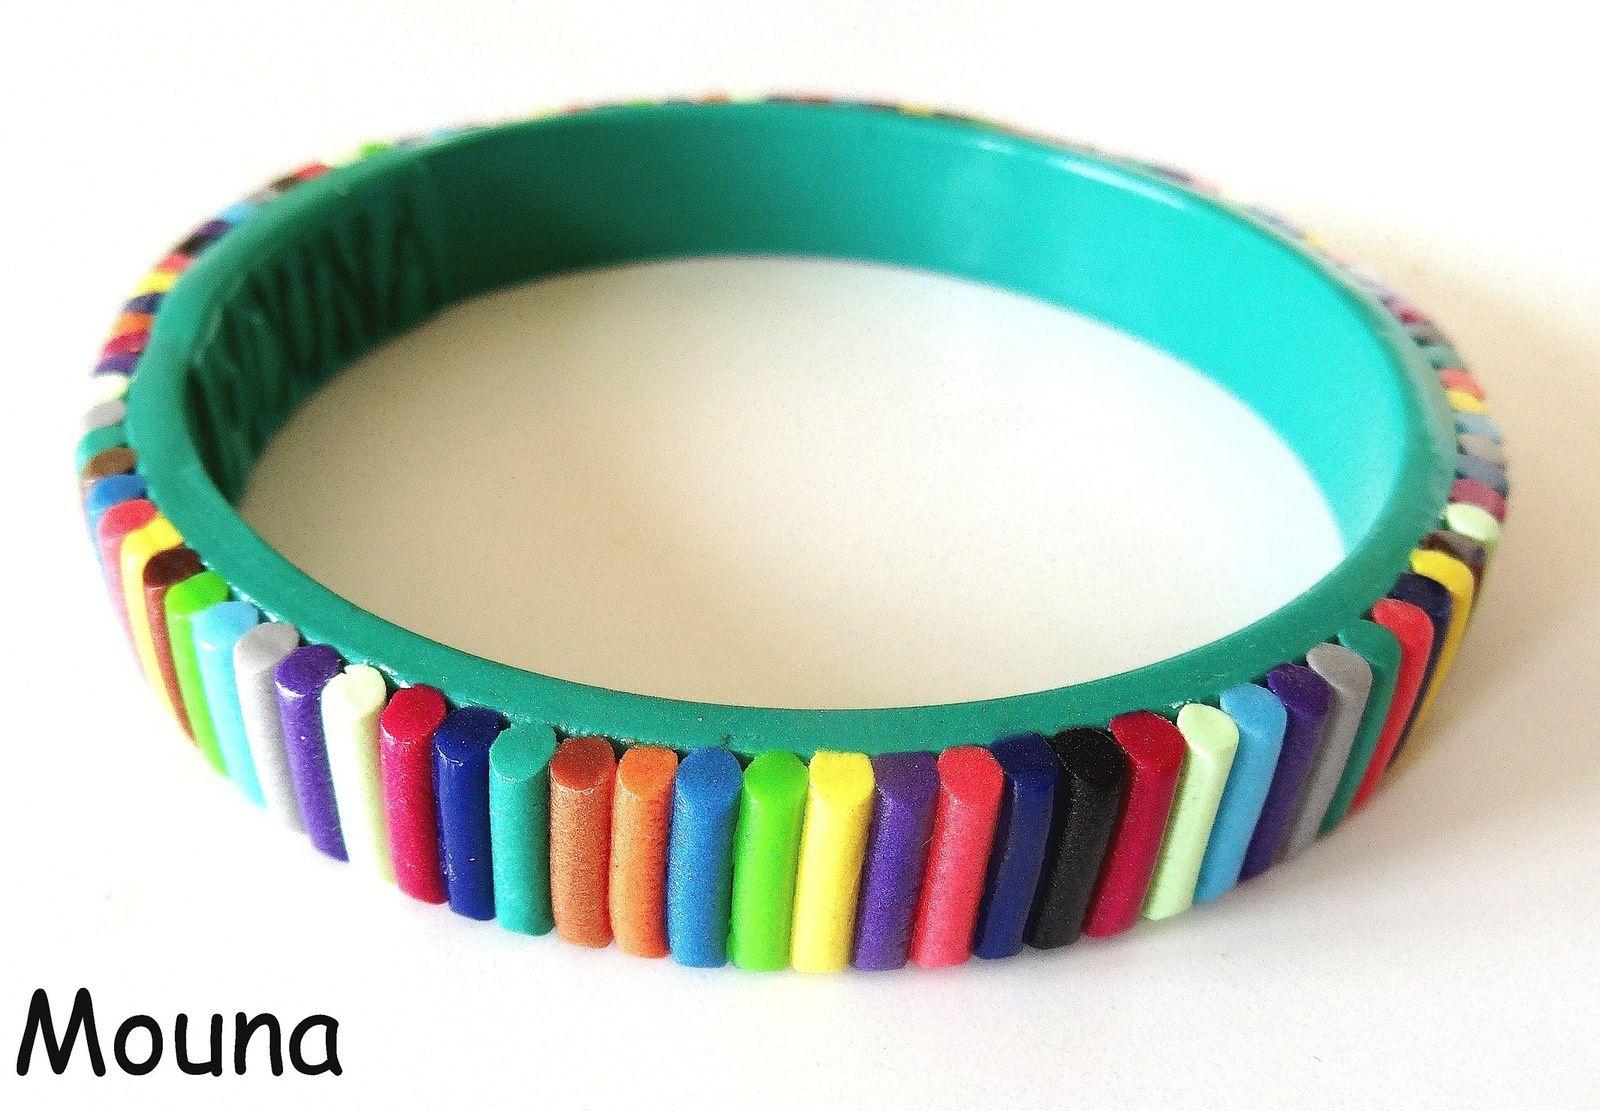 Tarifs: 16 à 33 euros/bracelet (pour connaître le prix et la disponiblité, cliquez sur le bracelet).